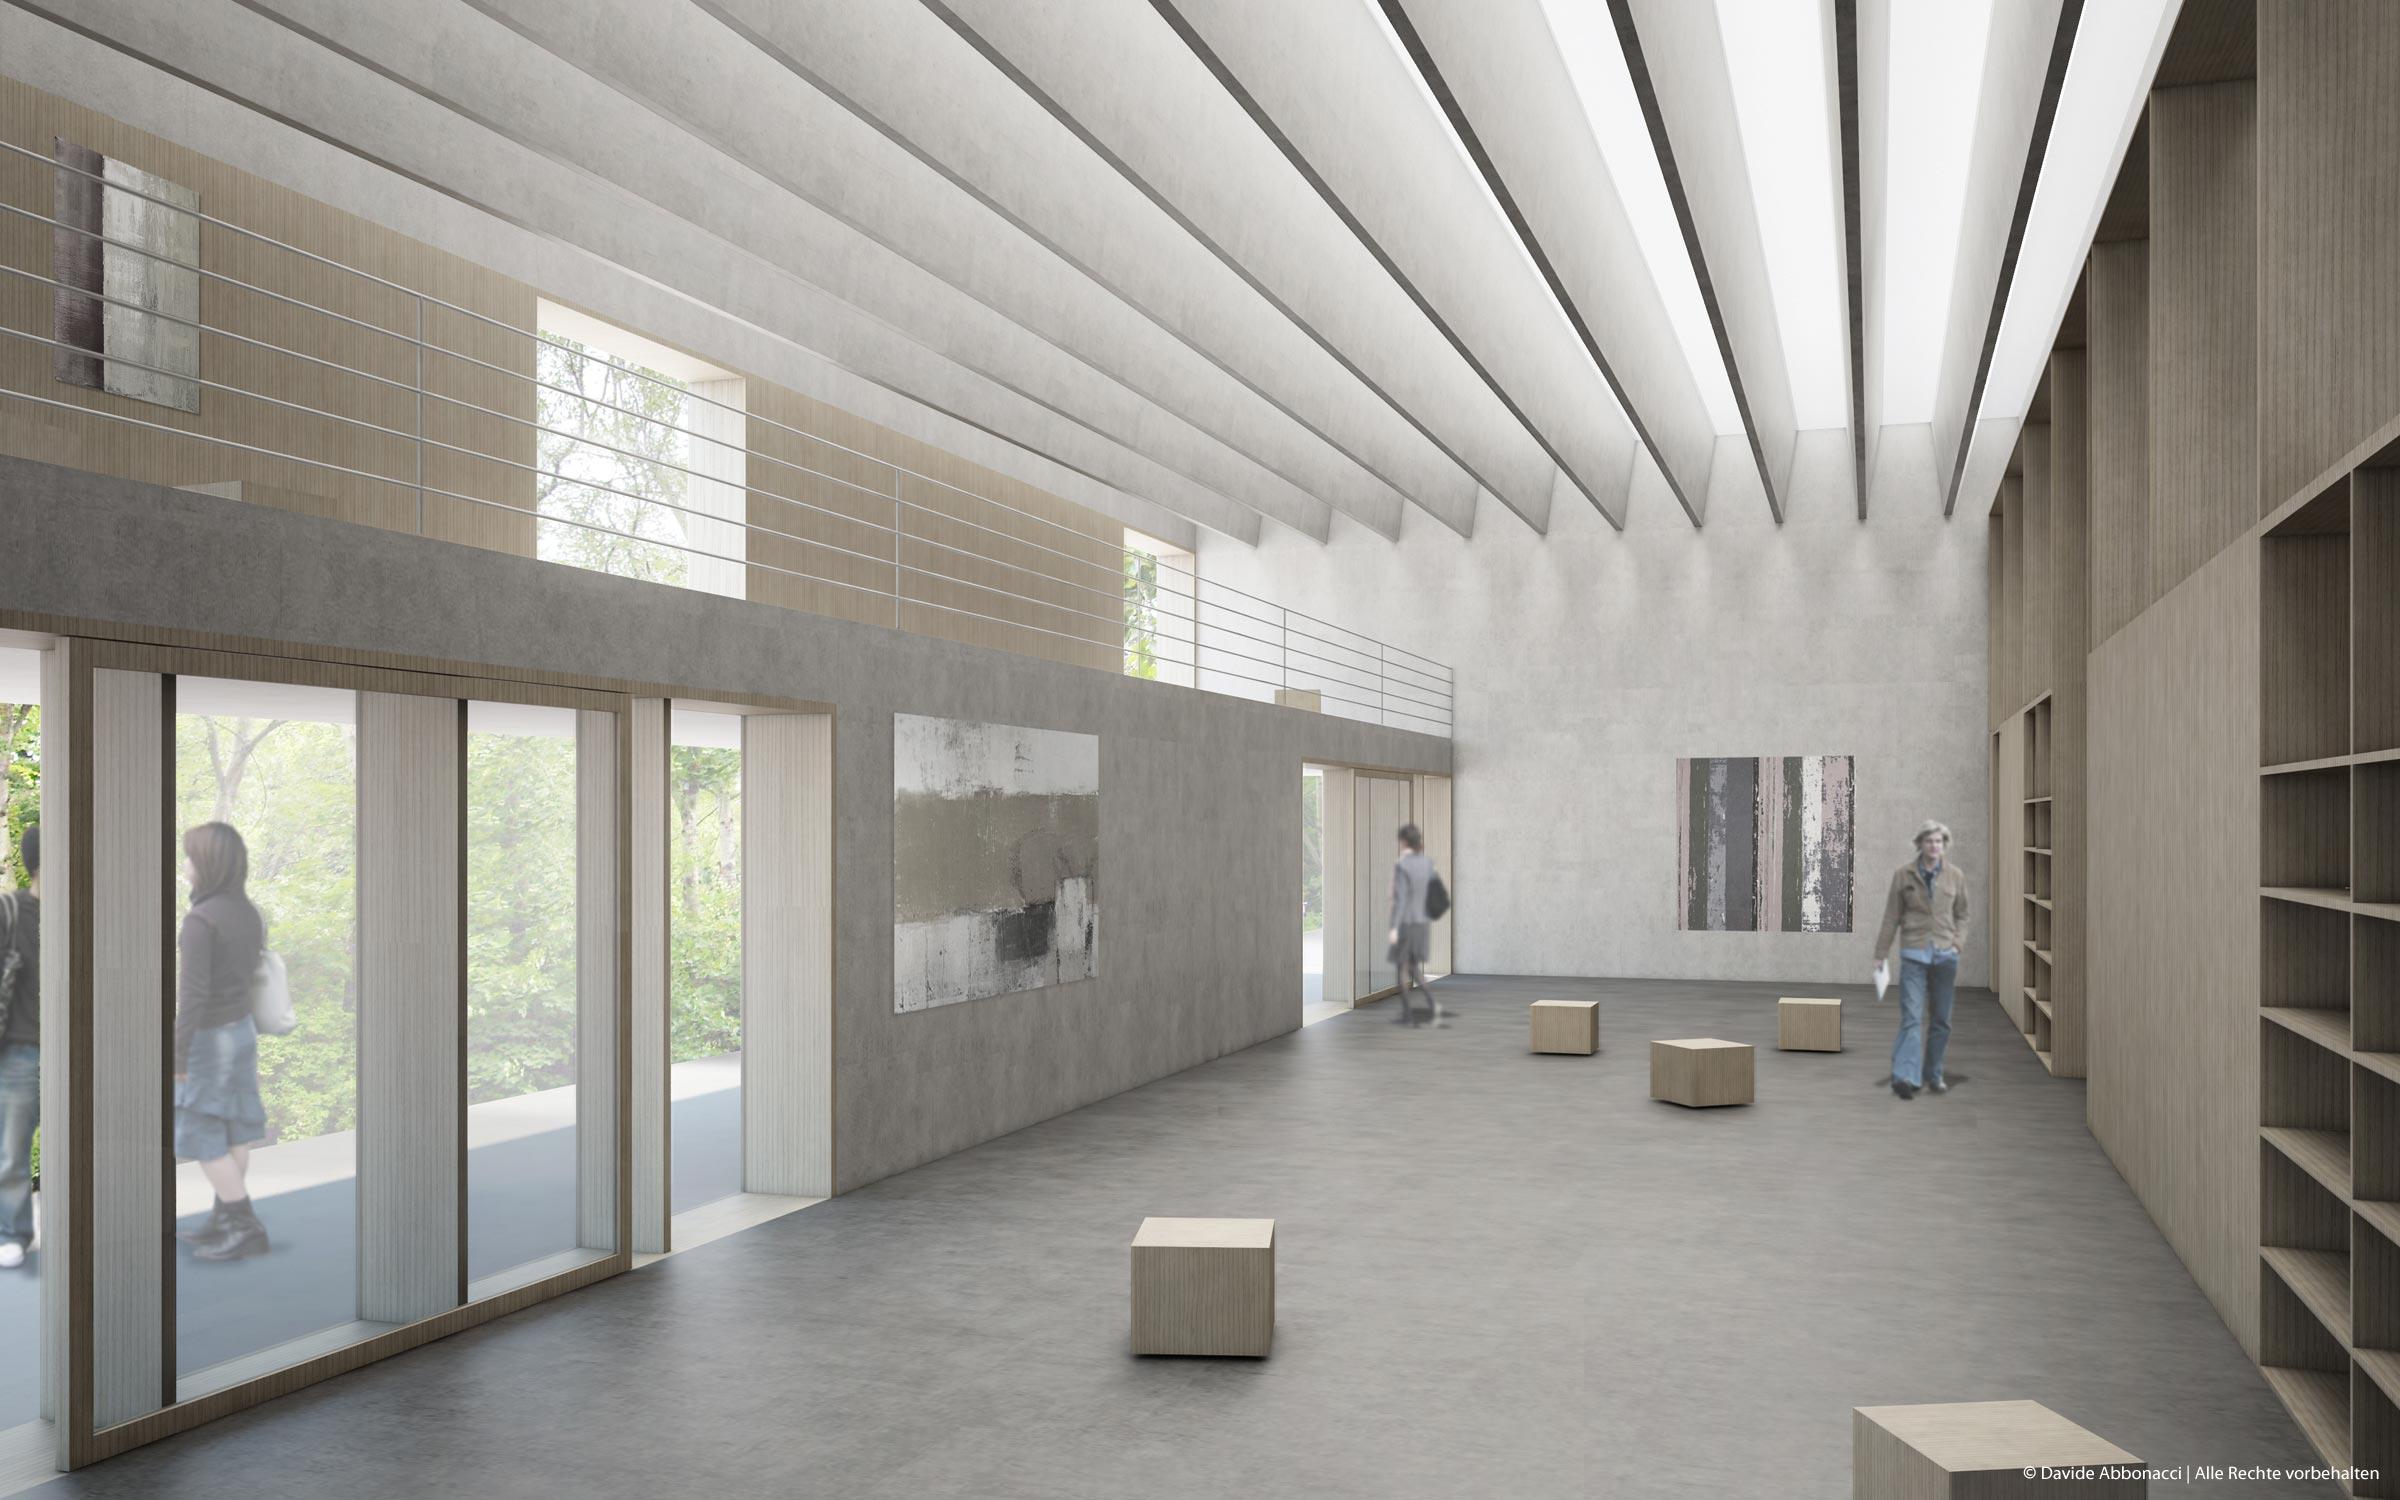 Akademie der Bildenden Künste, Nürnberg | Bruno Fioretti Marquez Architekten | 2009 Wettbewerbsvisualisierung